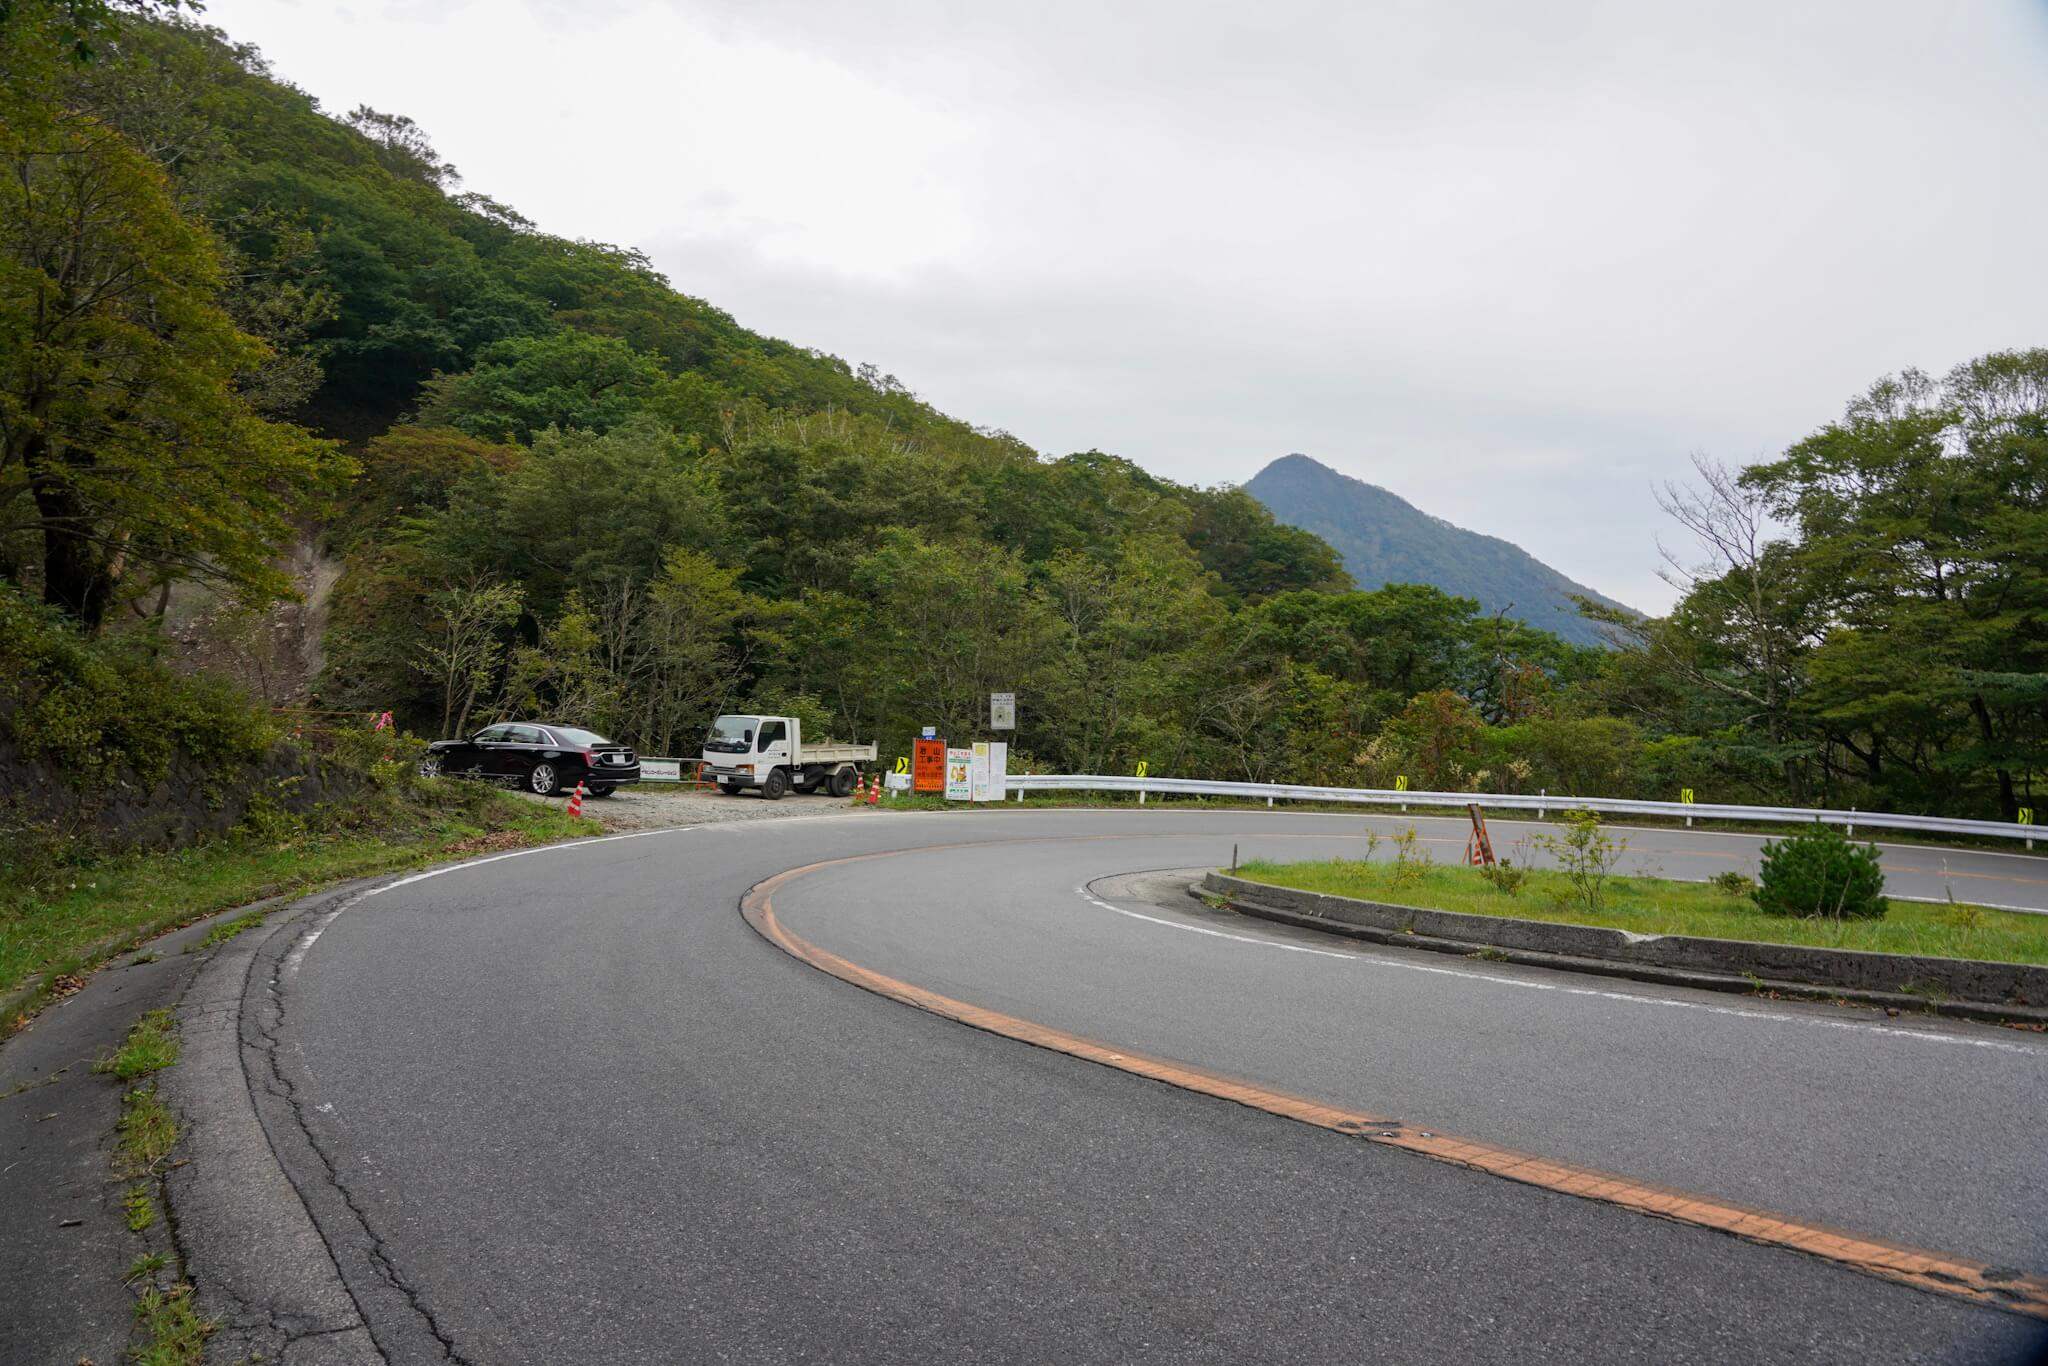 赤城山 峠 カーブNo.56